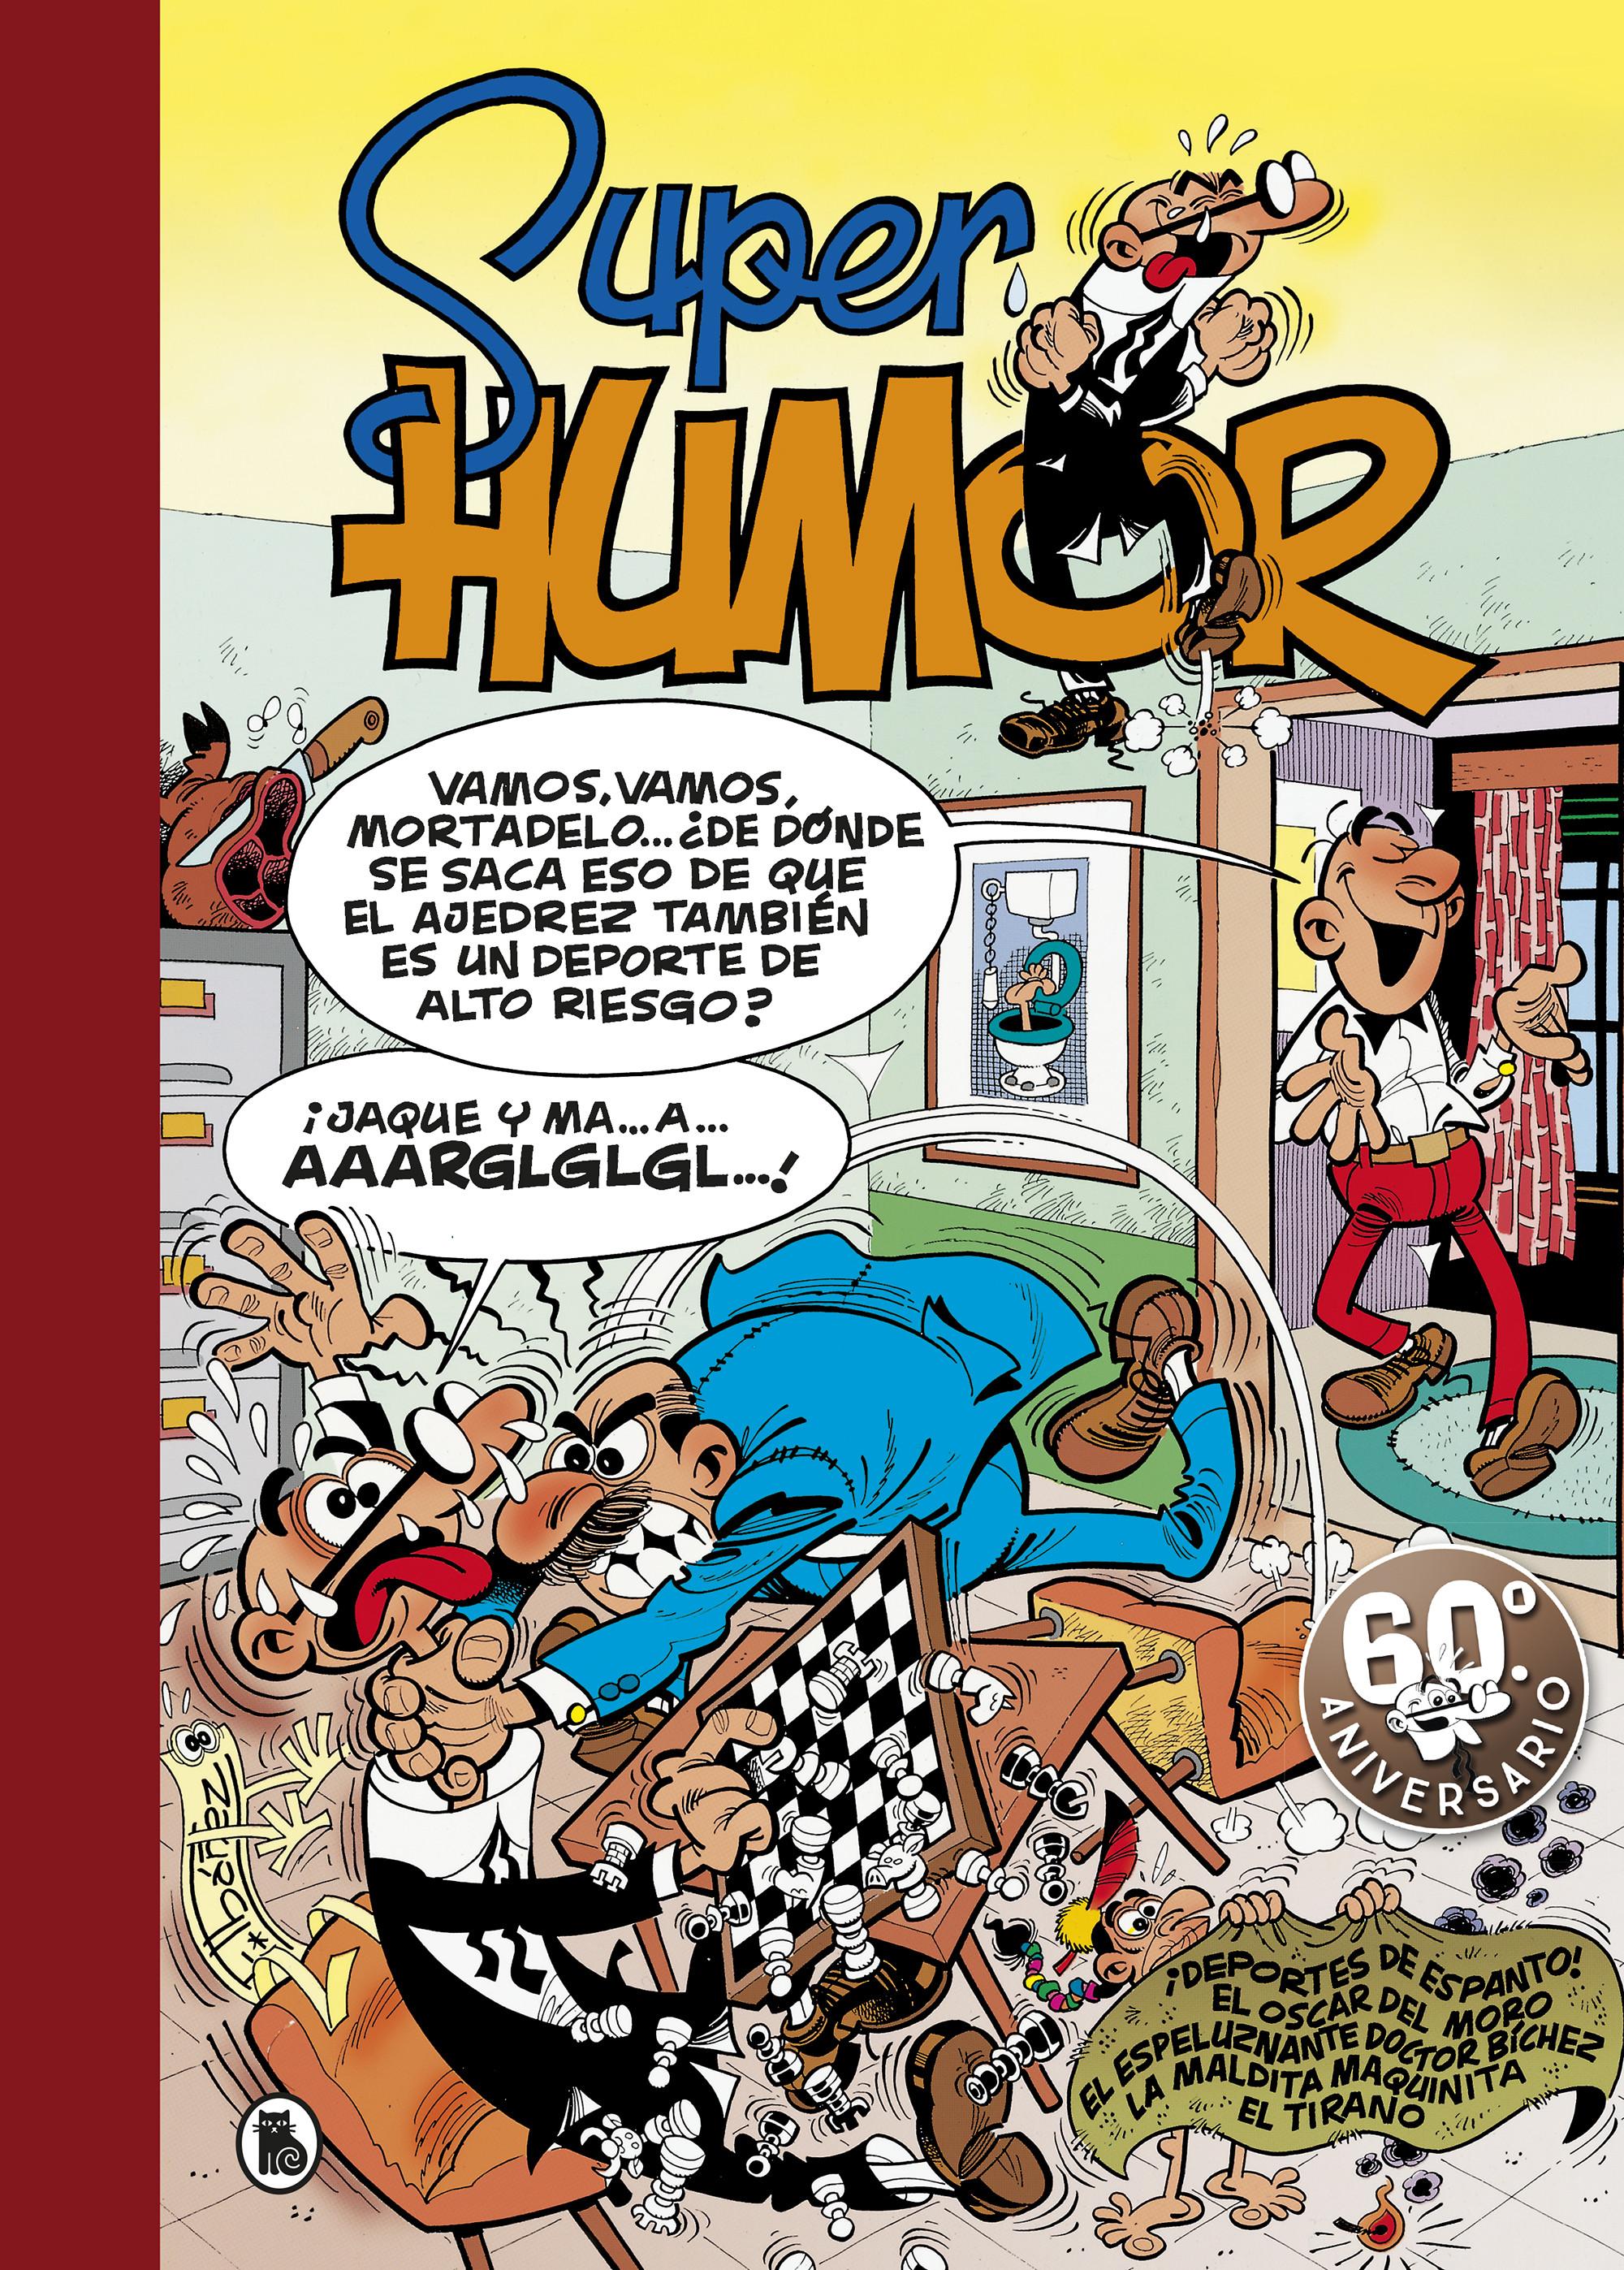 ¡Deportes de espanto! | El Óscar del Moro | El espeluznante Doctor Bíchez | La maldita maquinita | El Tirano (Súper Humo